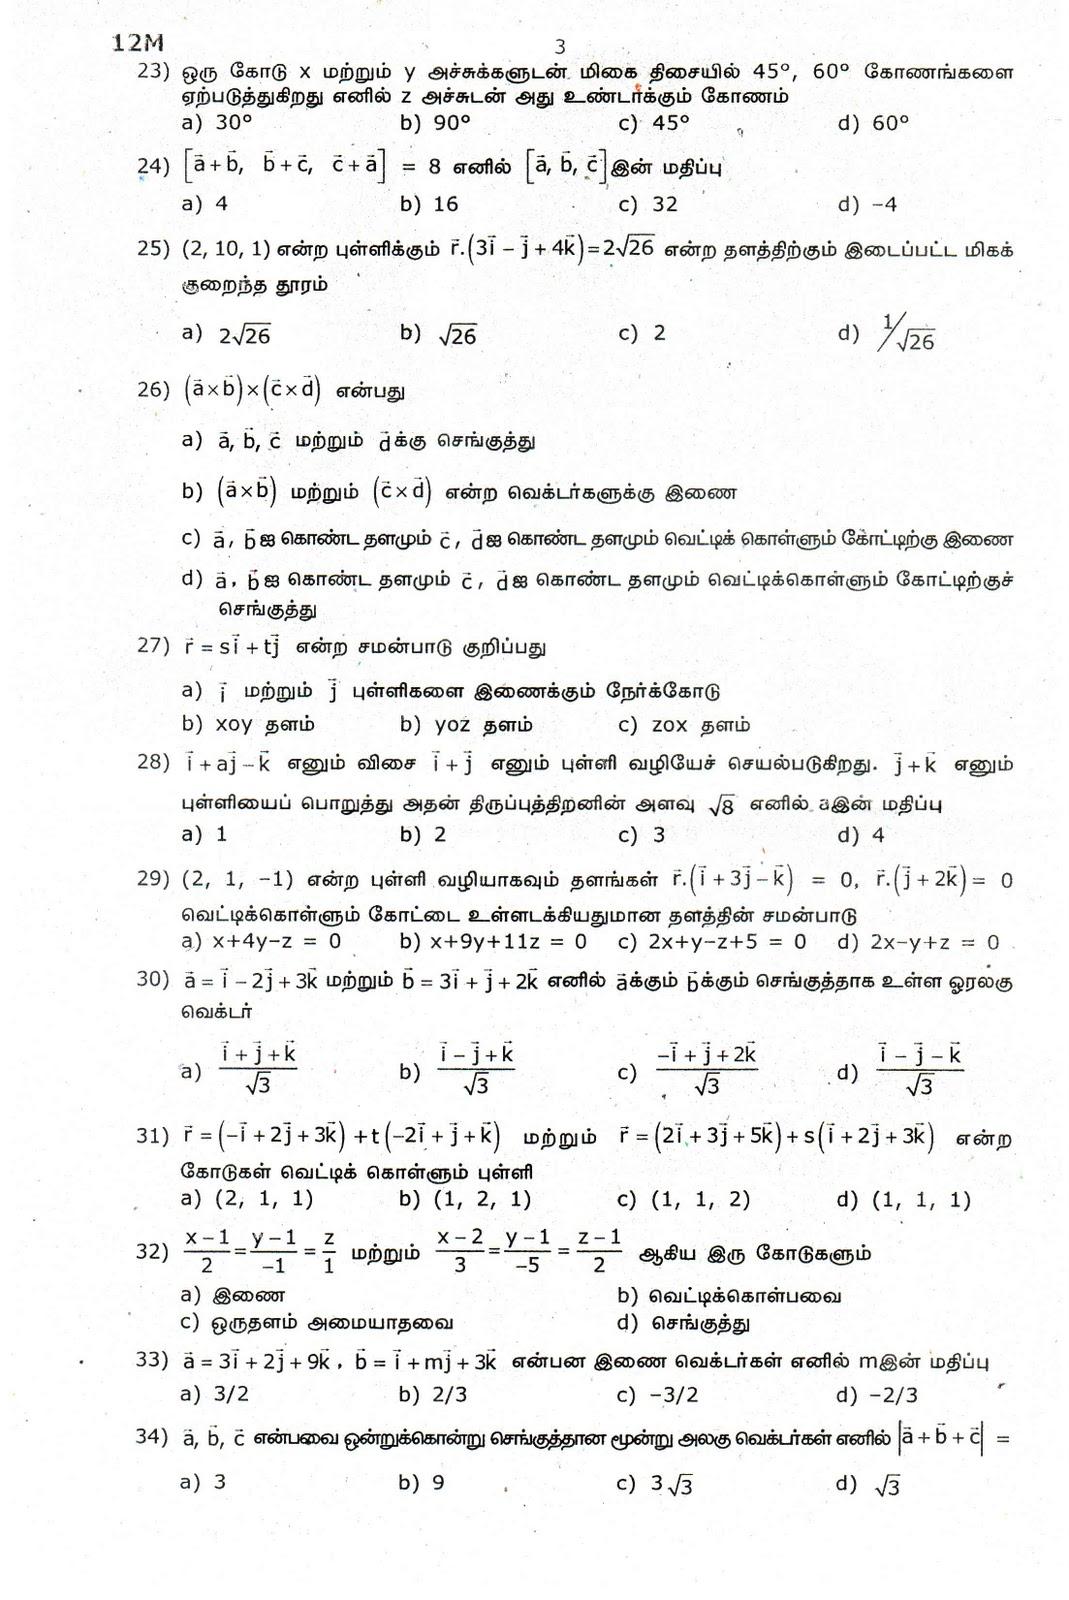 Maths Model Question Paper For Class 10 Samacheer Kalvi